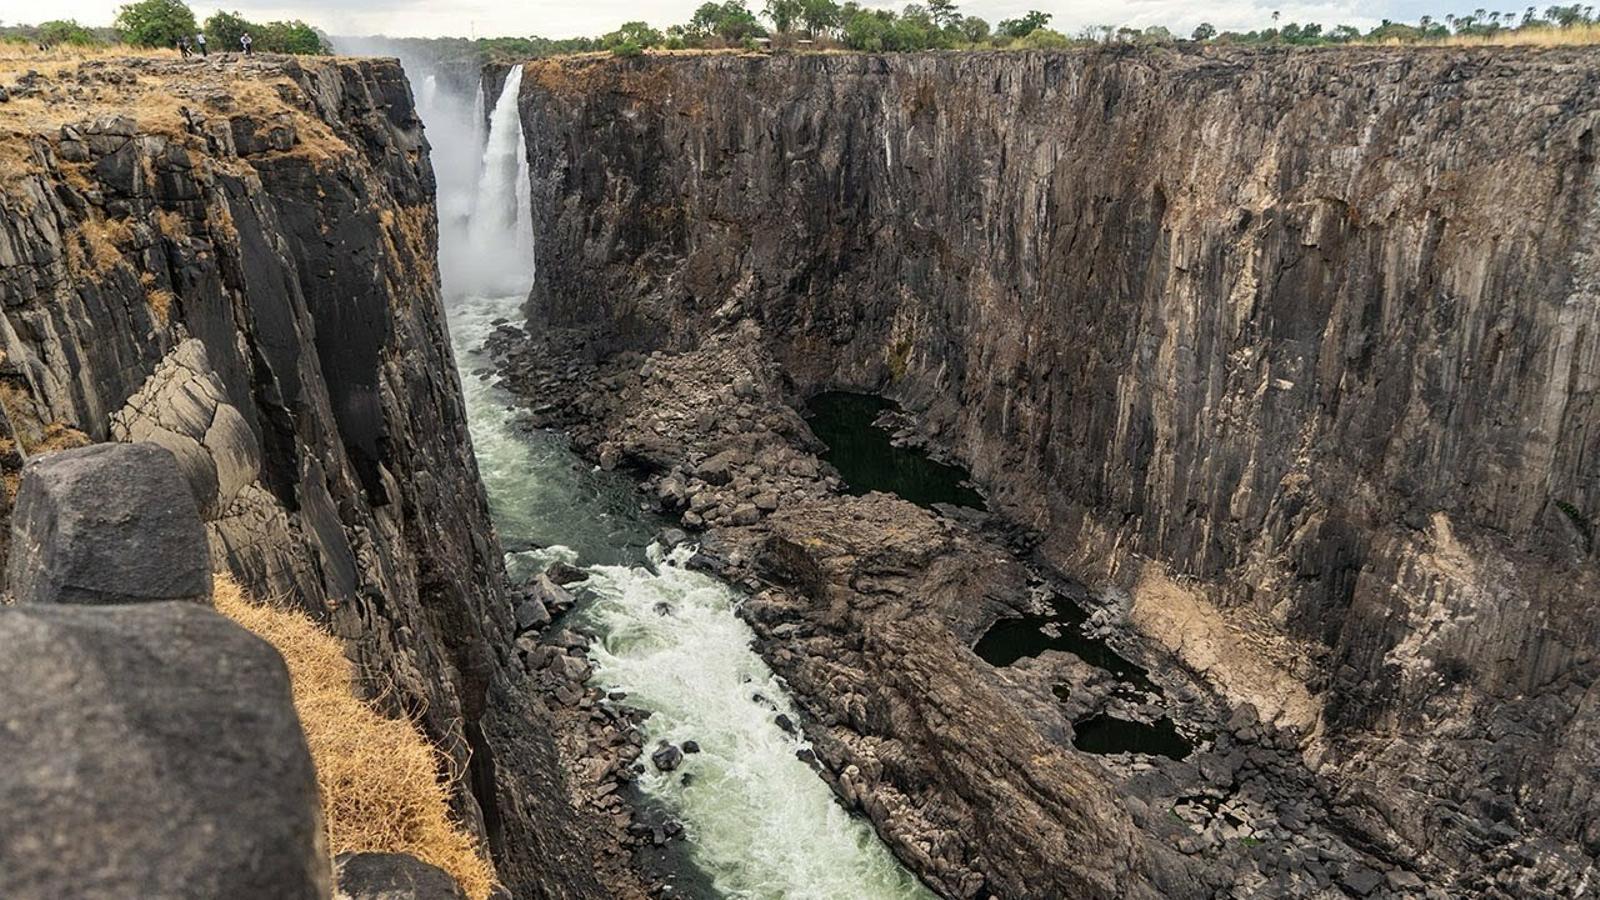 Les cataractes Victoria sense aigua, a Zàmbia